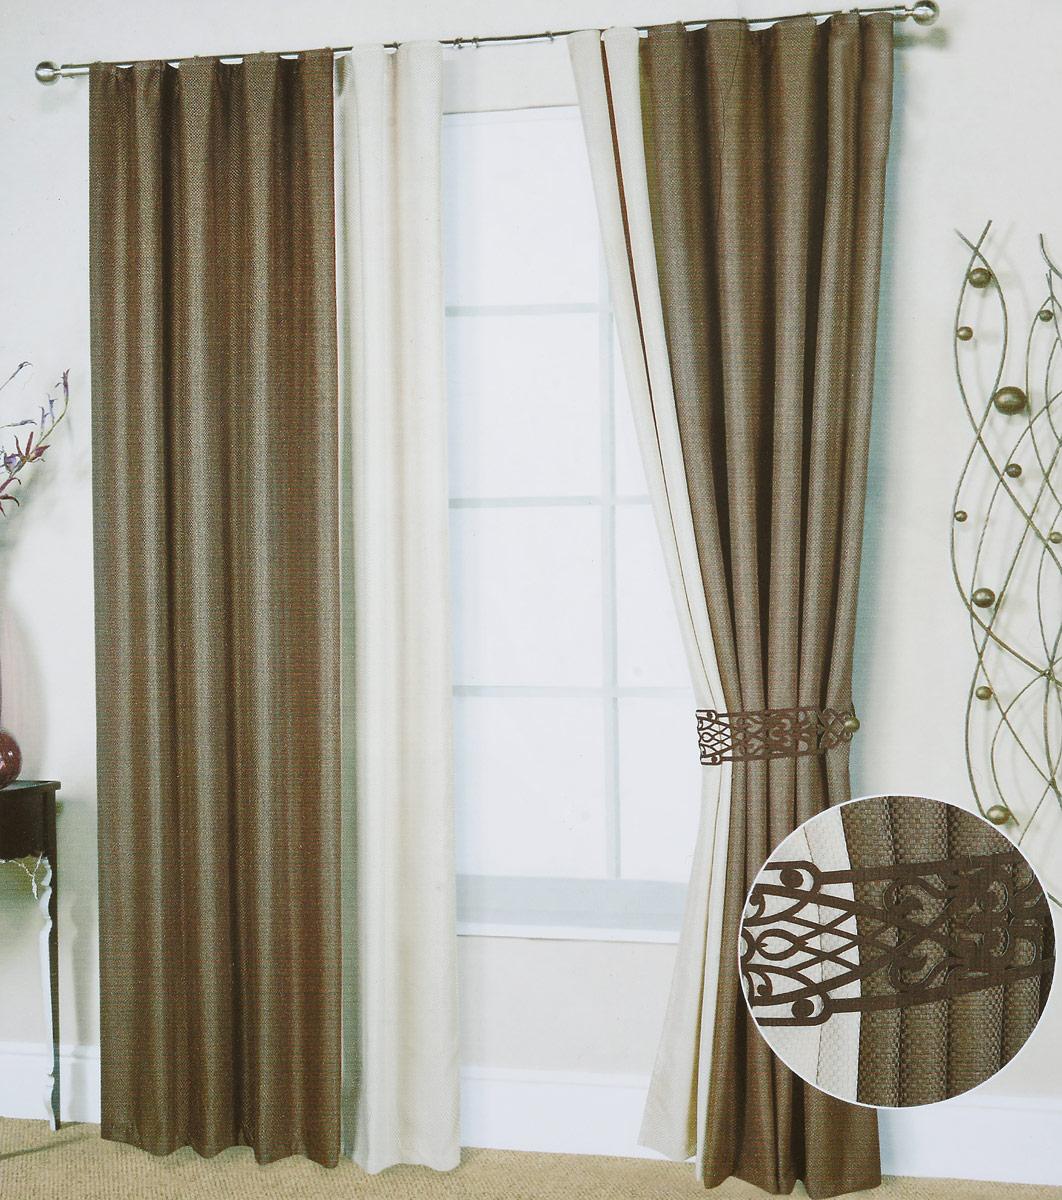 """Комплект штор """"Кашарель"""" изготовлен из полиэстера. Комплект крепится на  карниз при помощи ленты, которая поможет красиво и равномерно  задрапировать верх. В комплект входят: - 2 шторы, - 2 подхвата."""